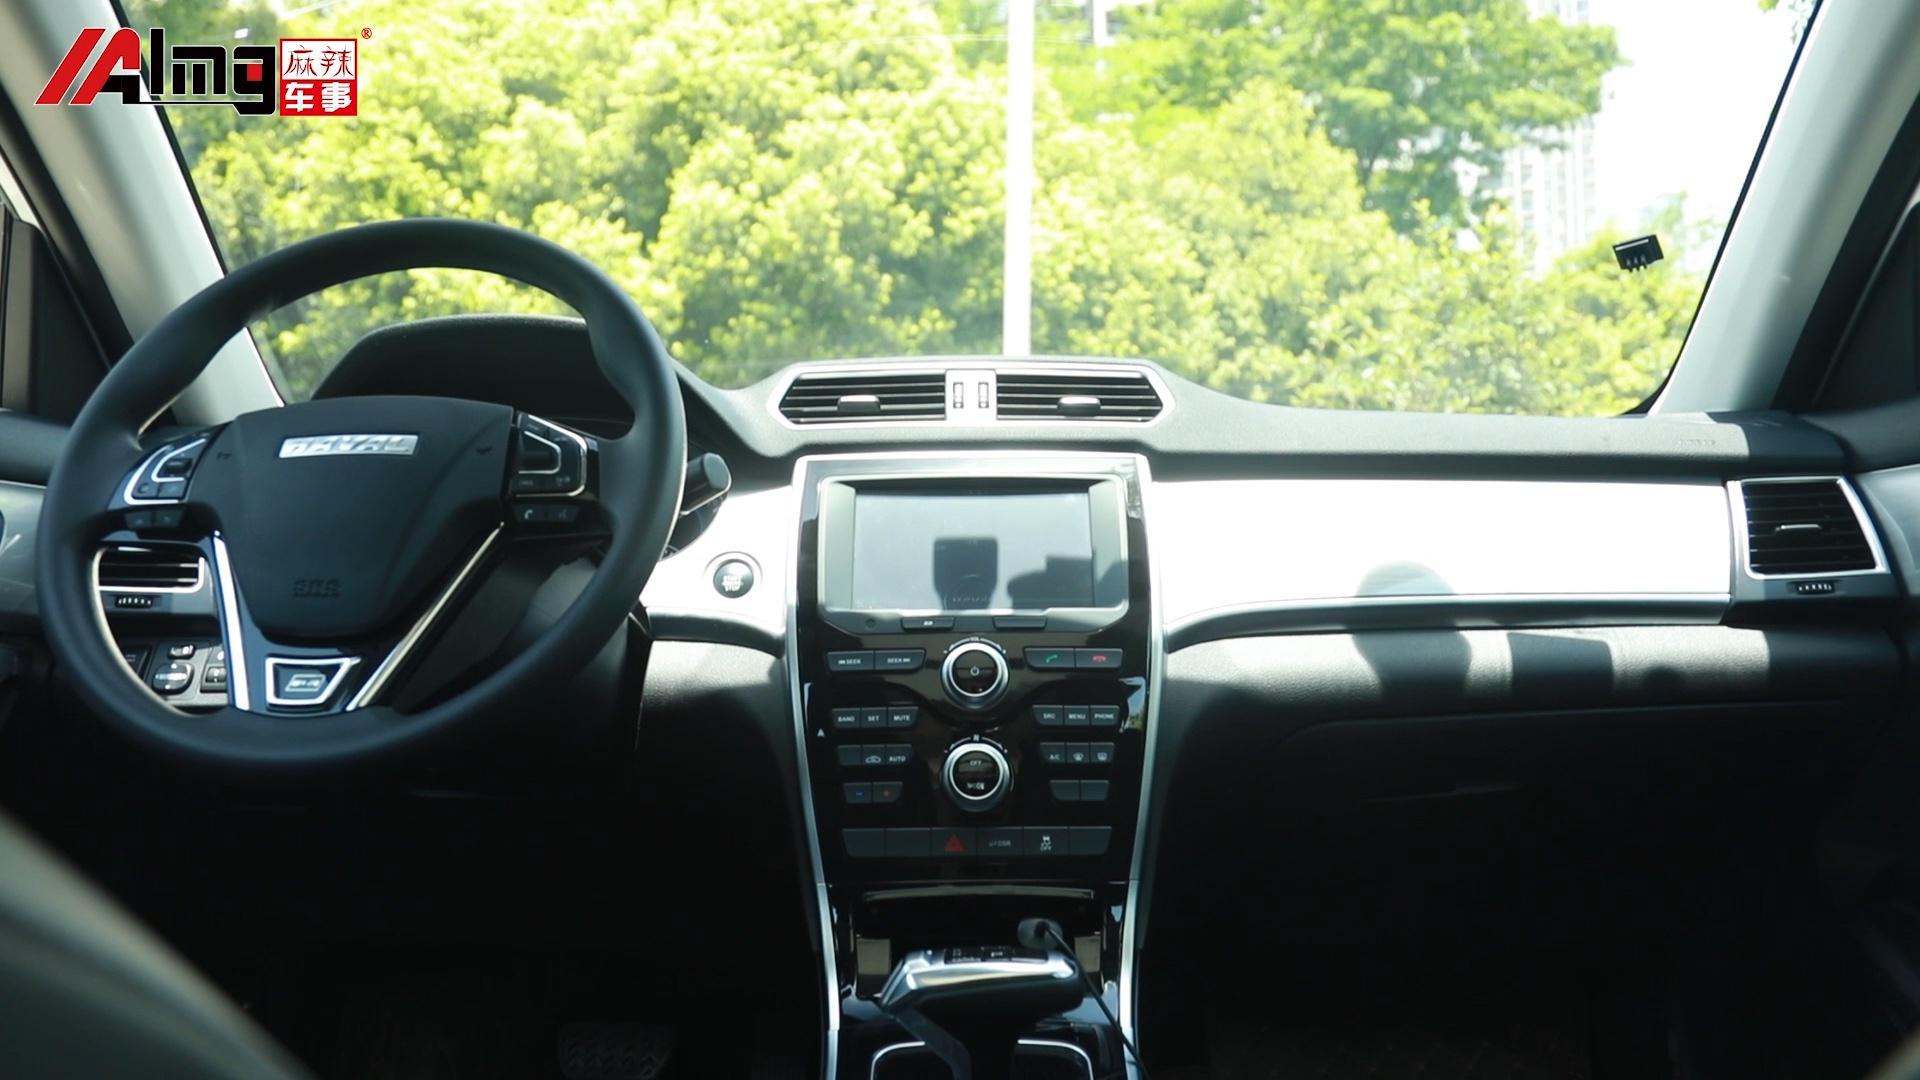 视频:《一分钟读车》那么欣赏完哈弗H2的外观,跟着队长来车内看看吧